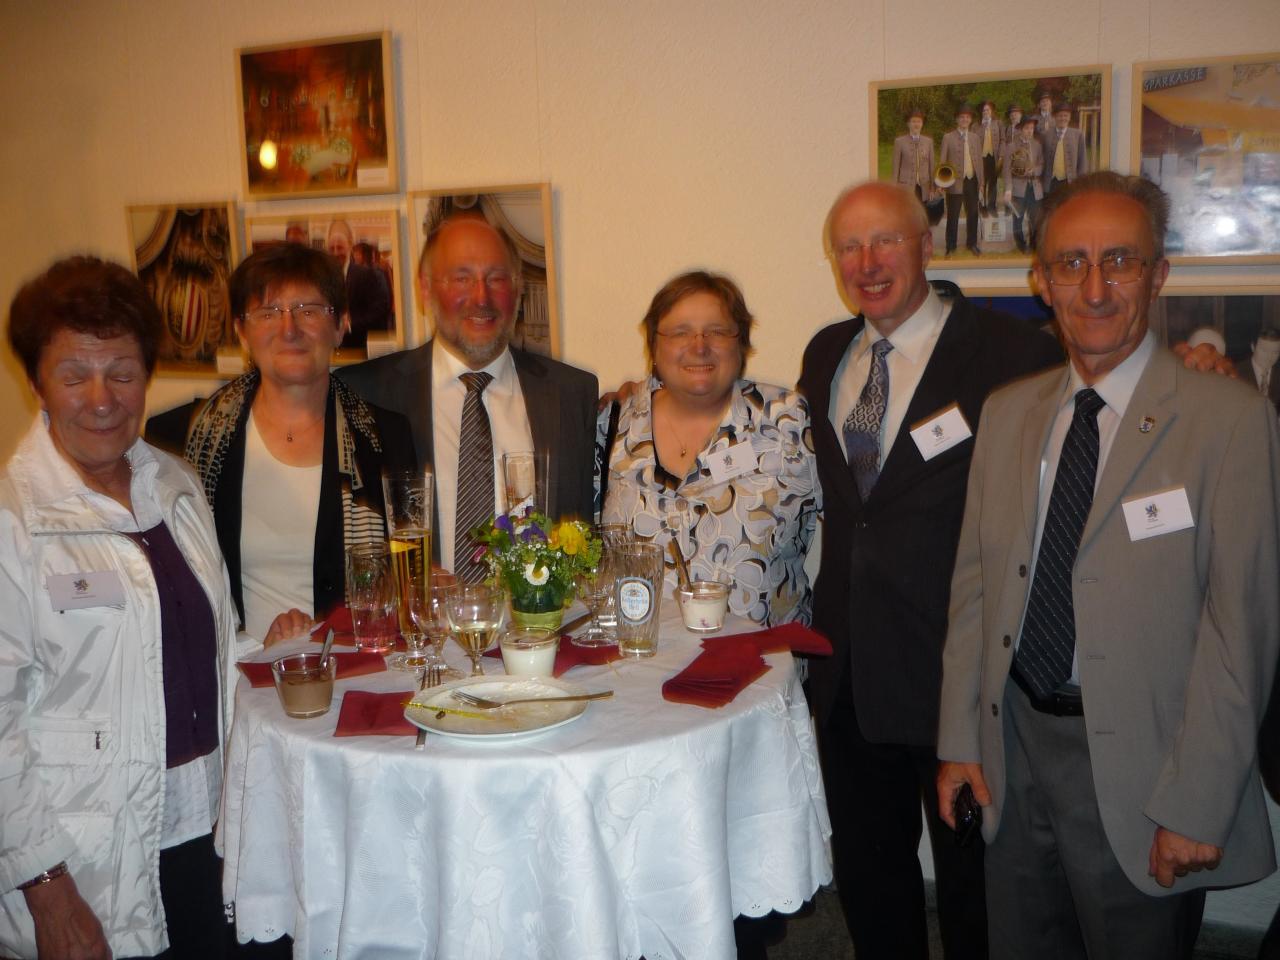 Les amis de Landshut  et de Compiègne